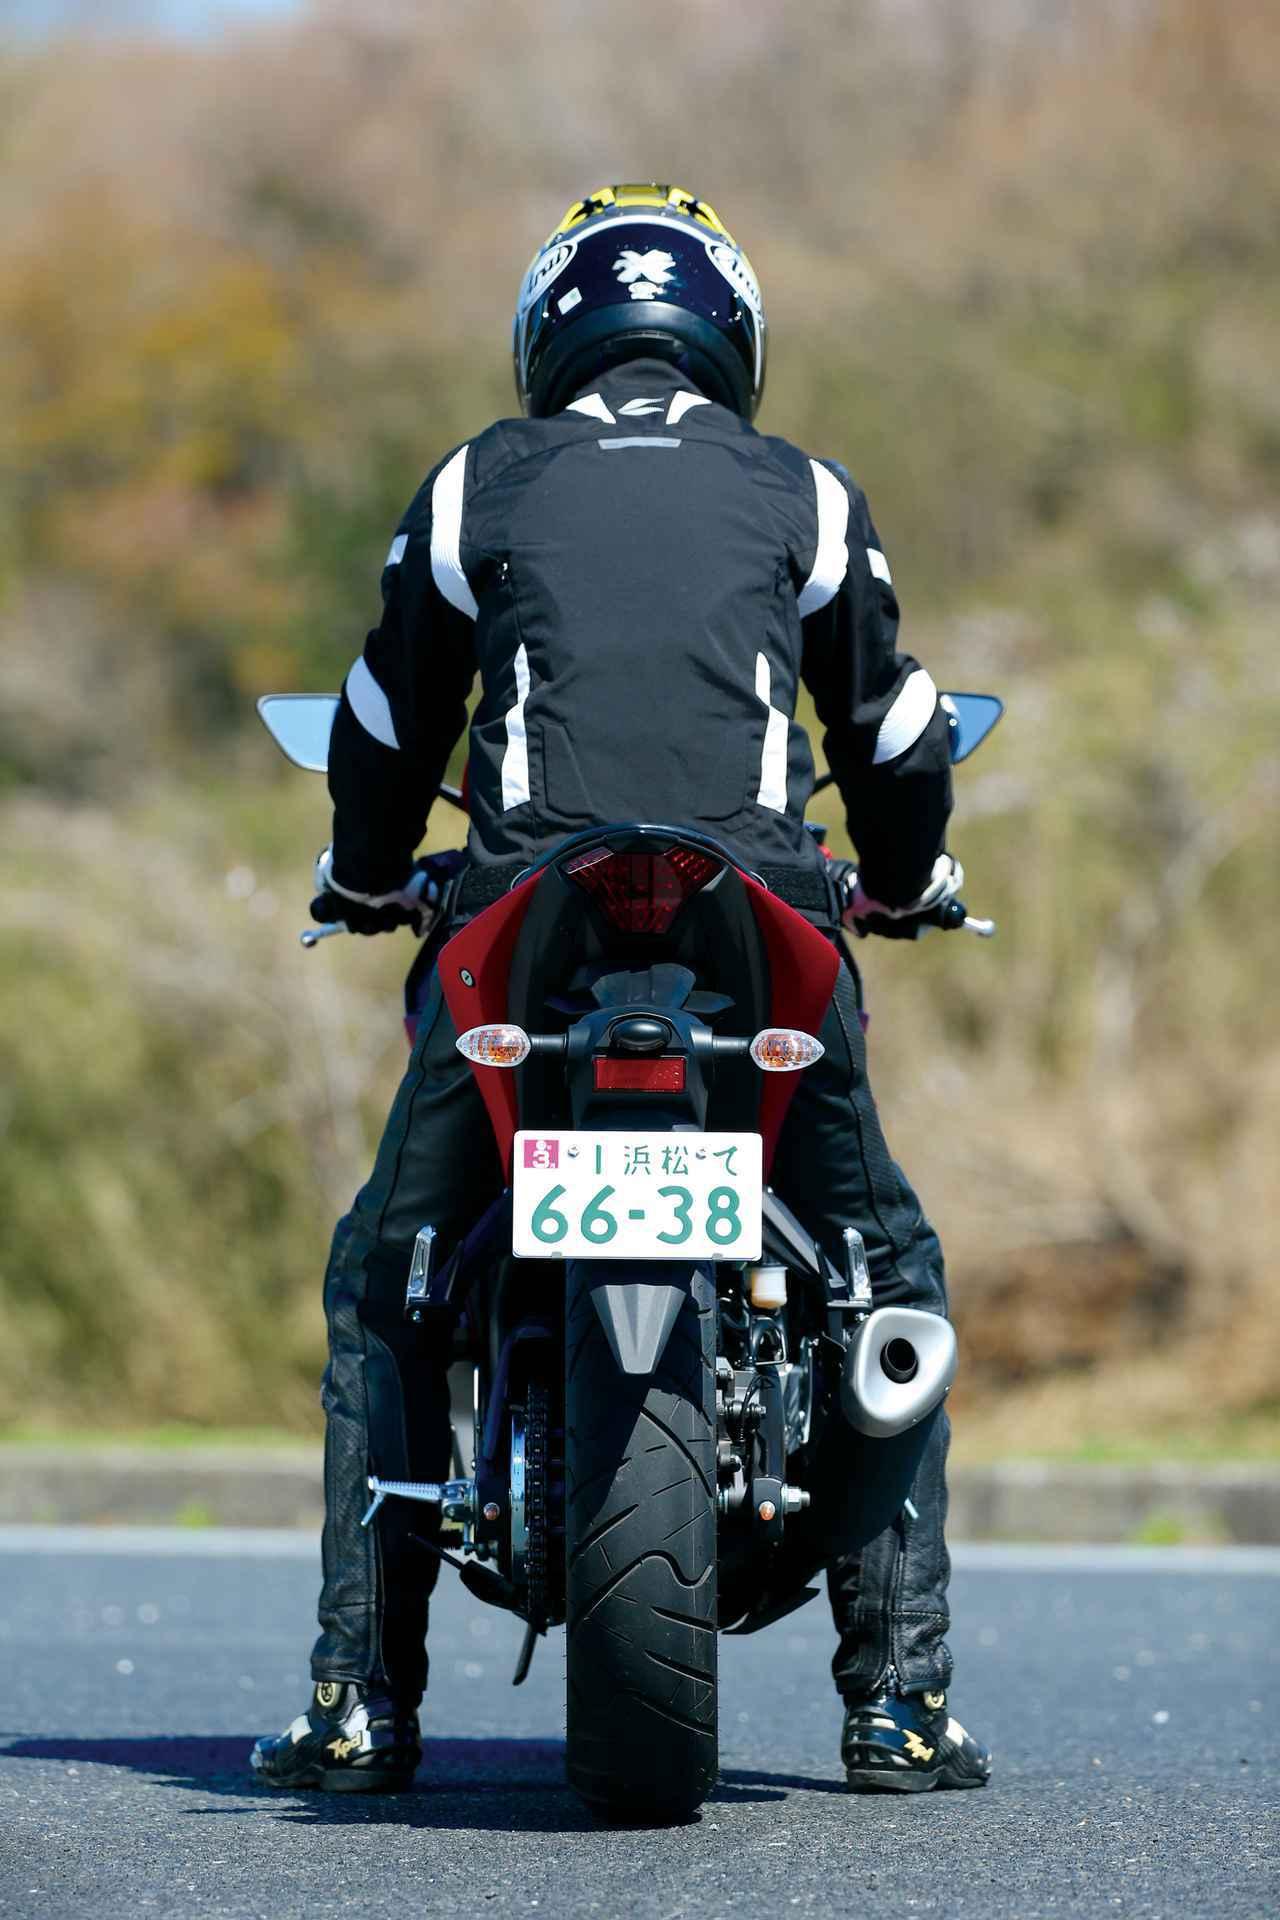 画像2: 【250ccスポーツバイク比較検証】Ninja ZX-25R・CBR250RR・YZF-R25・Ninja250・GSX250R〈装備・メーター・足つき性編〉